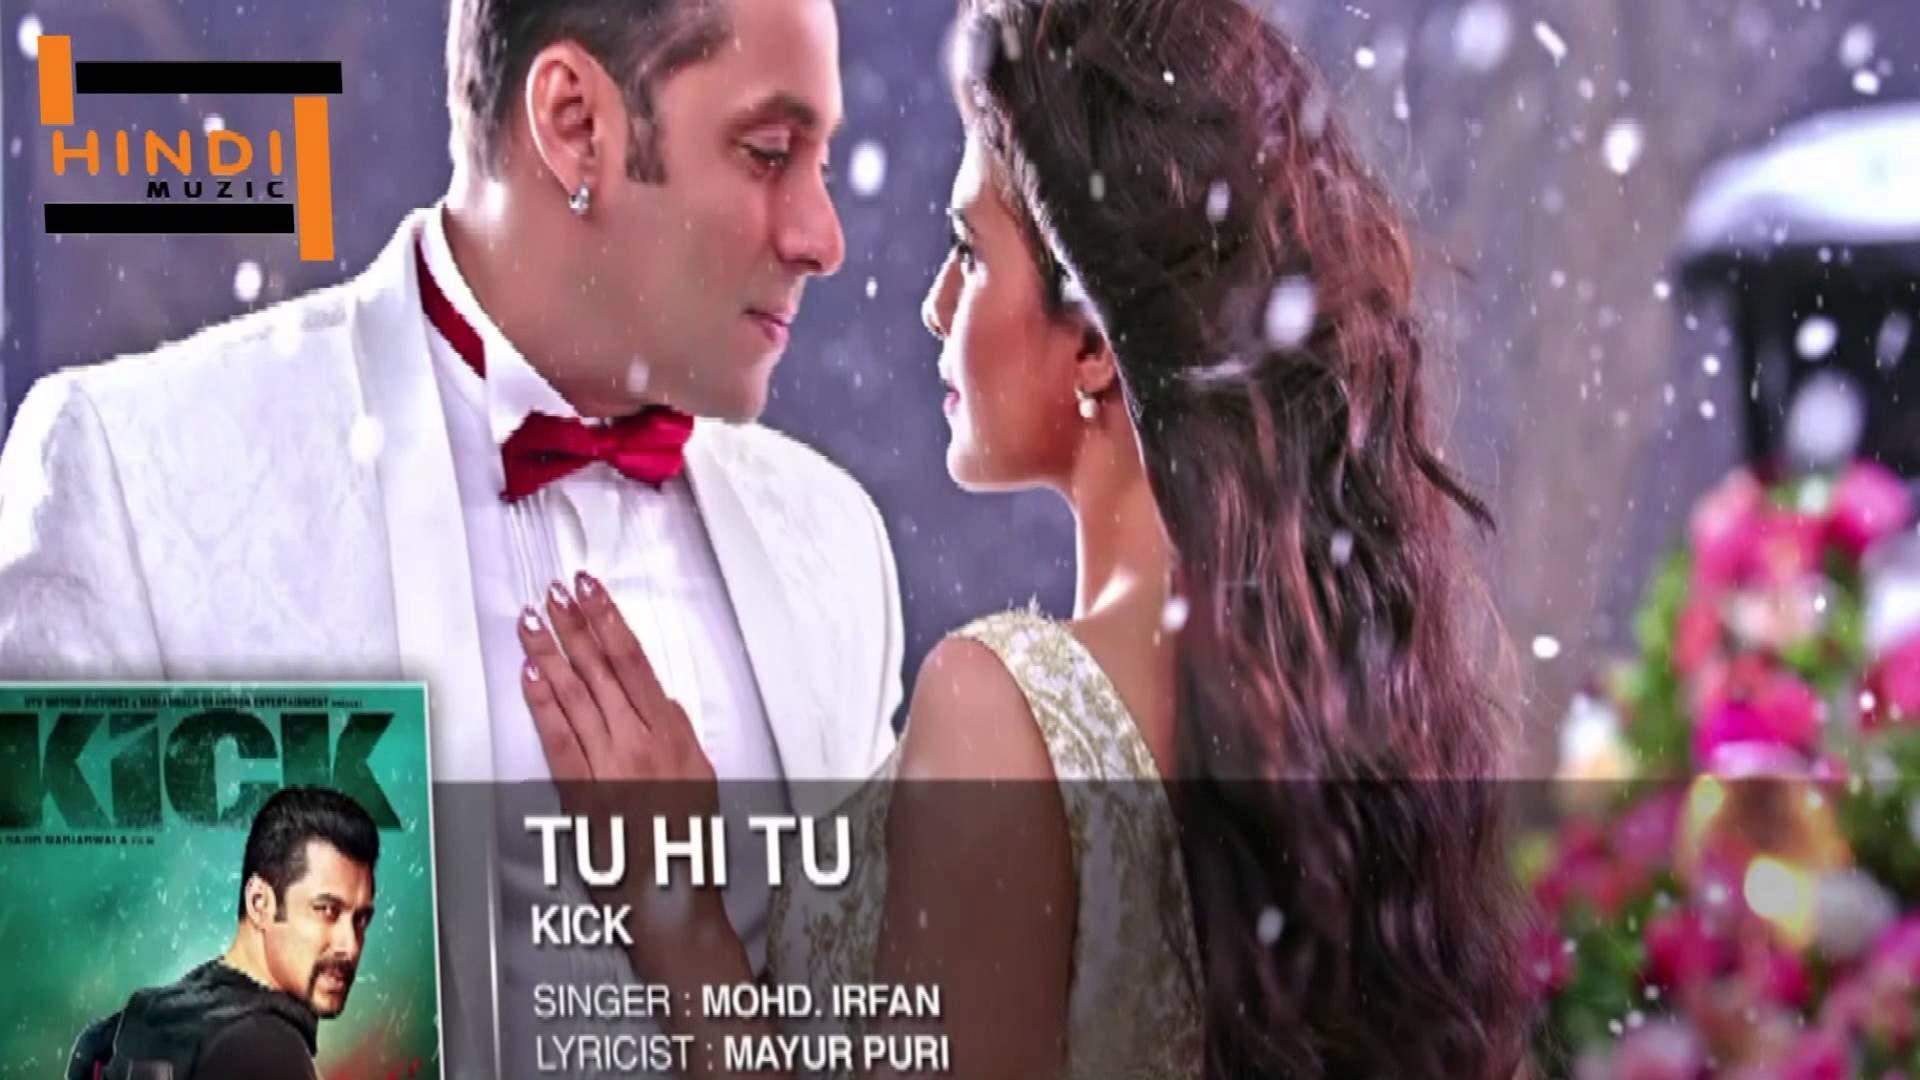 Jugal Aamir Aamirjugal On Pinterest